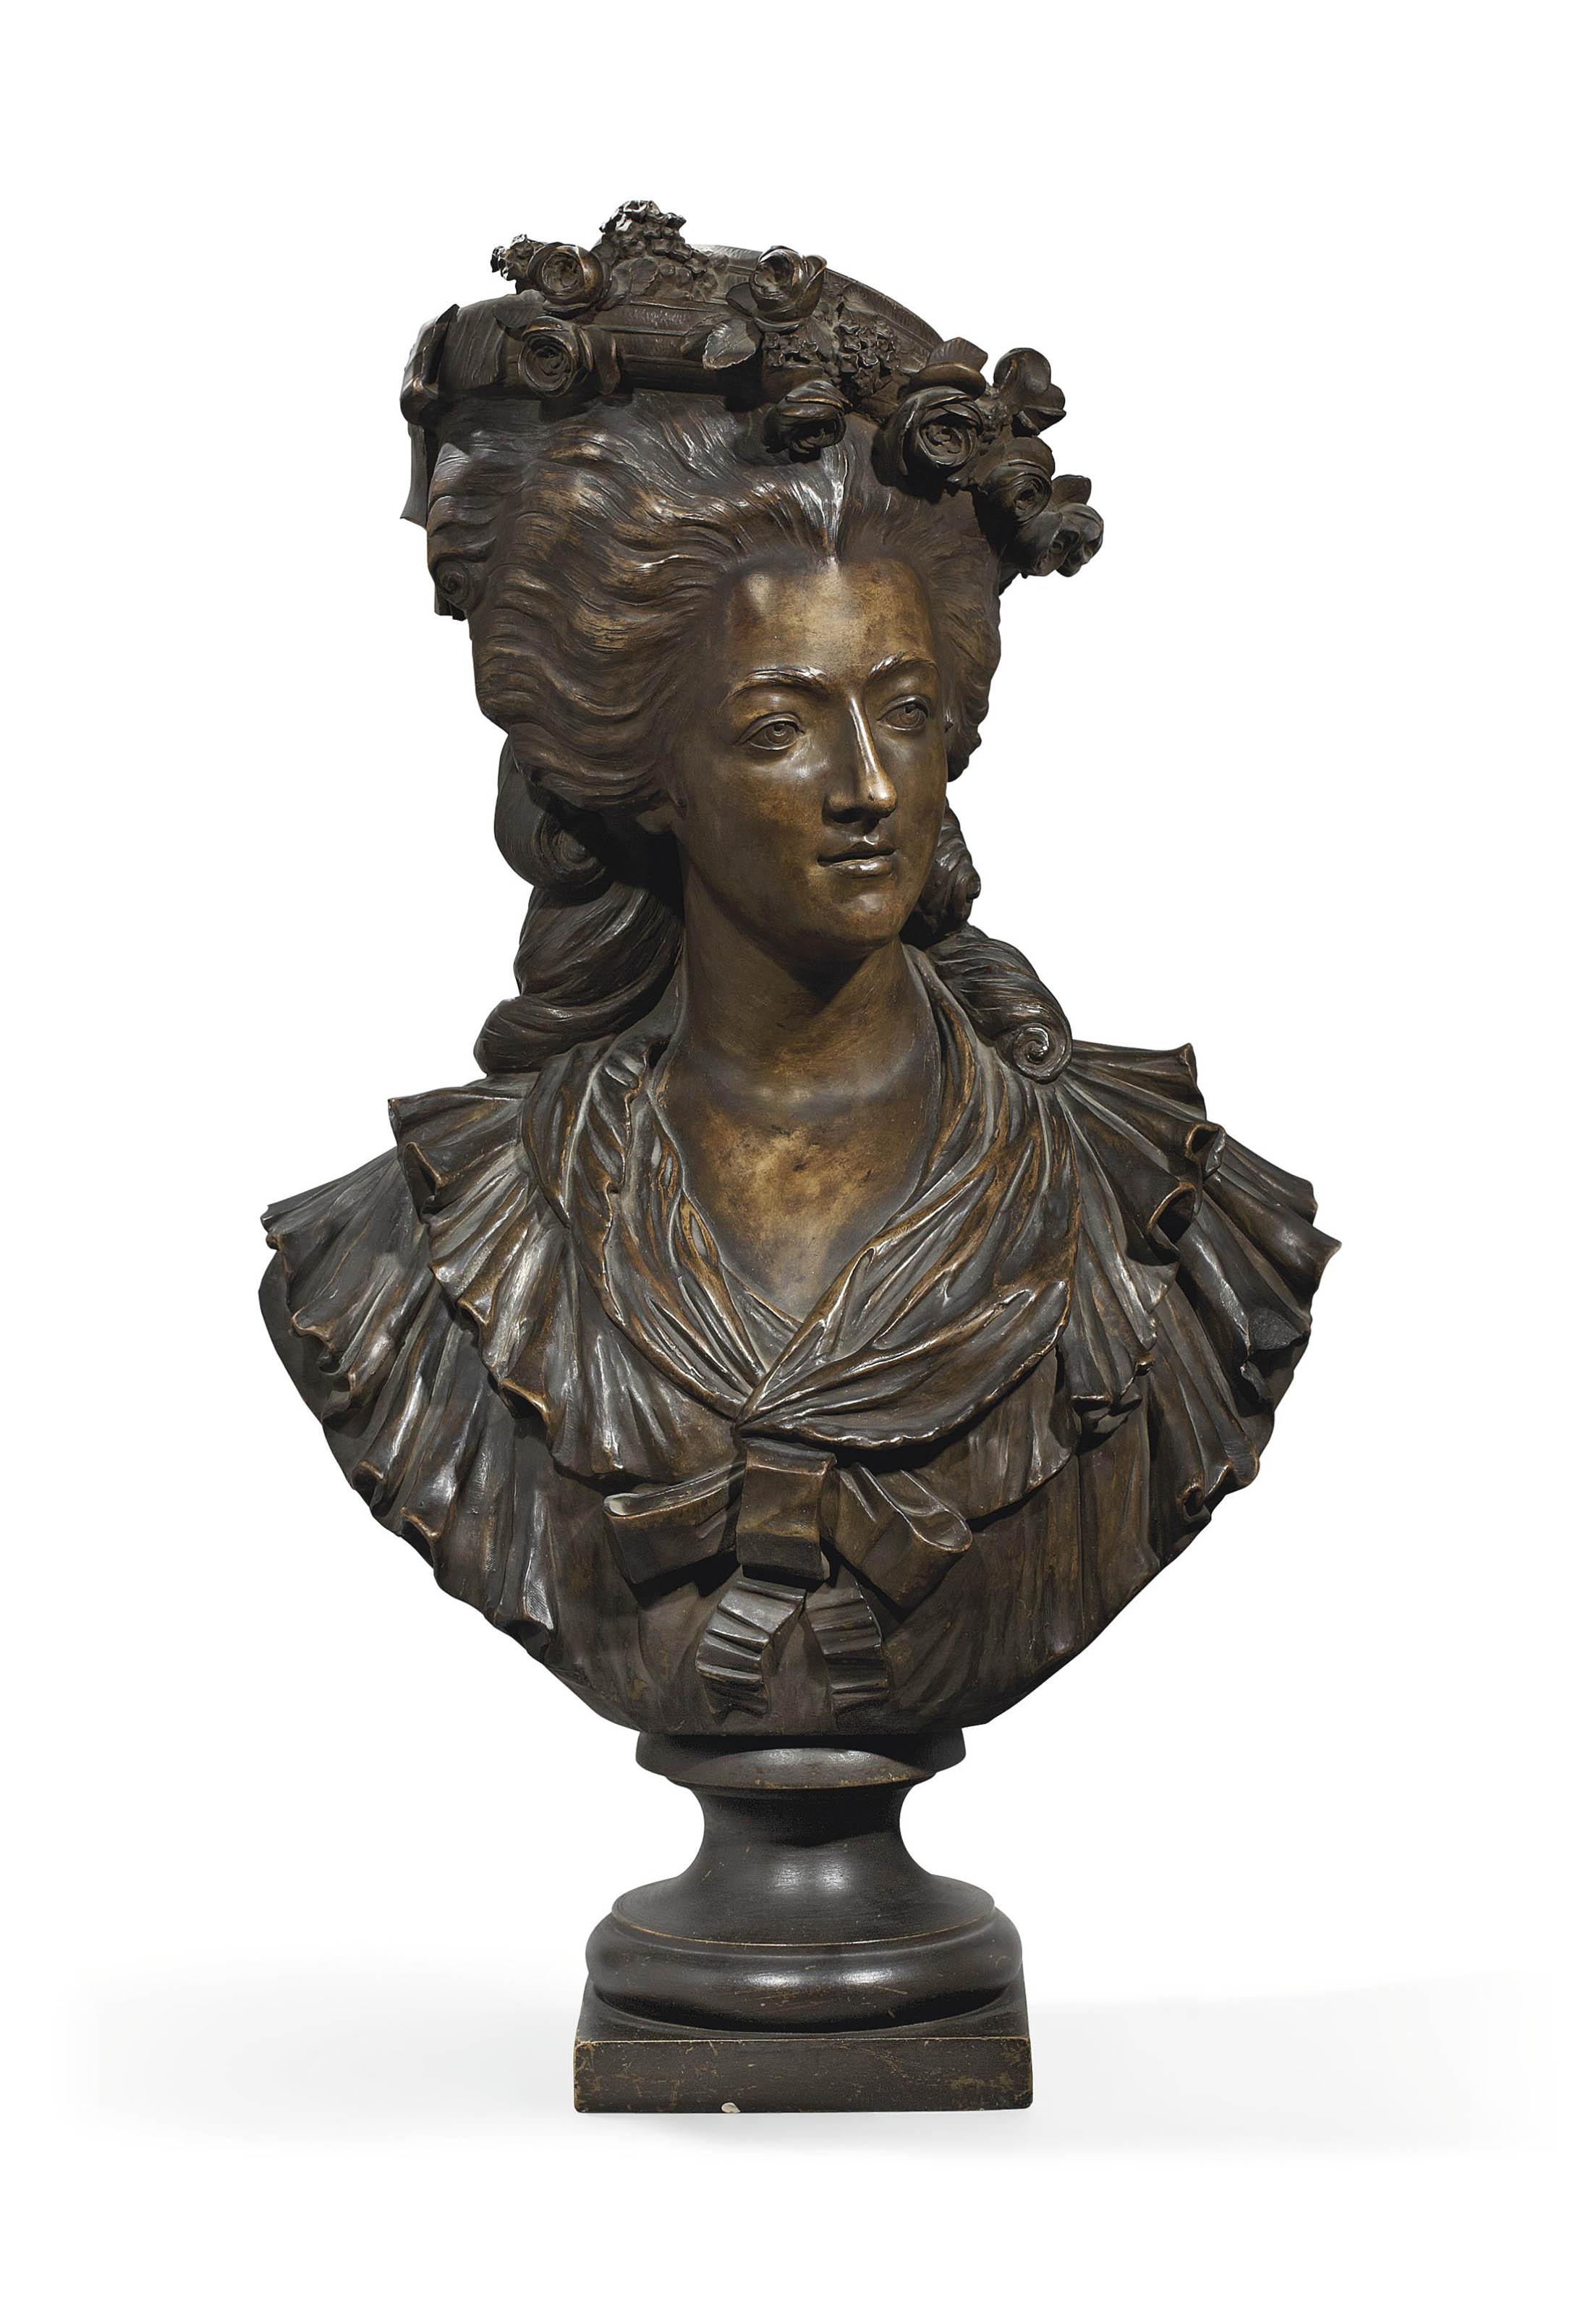 buste en platre peint a l 39 imitation du bronze representant une jeune femme niederviller. Black Bedroom Furniture Sets. Home Design Ideas